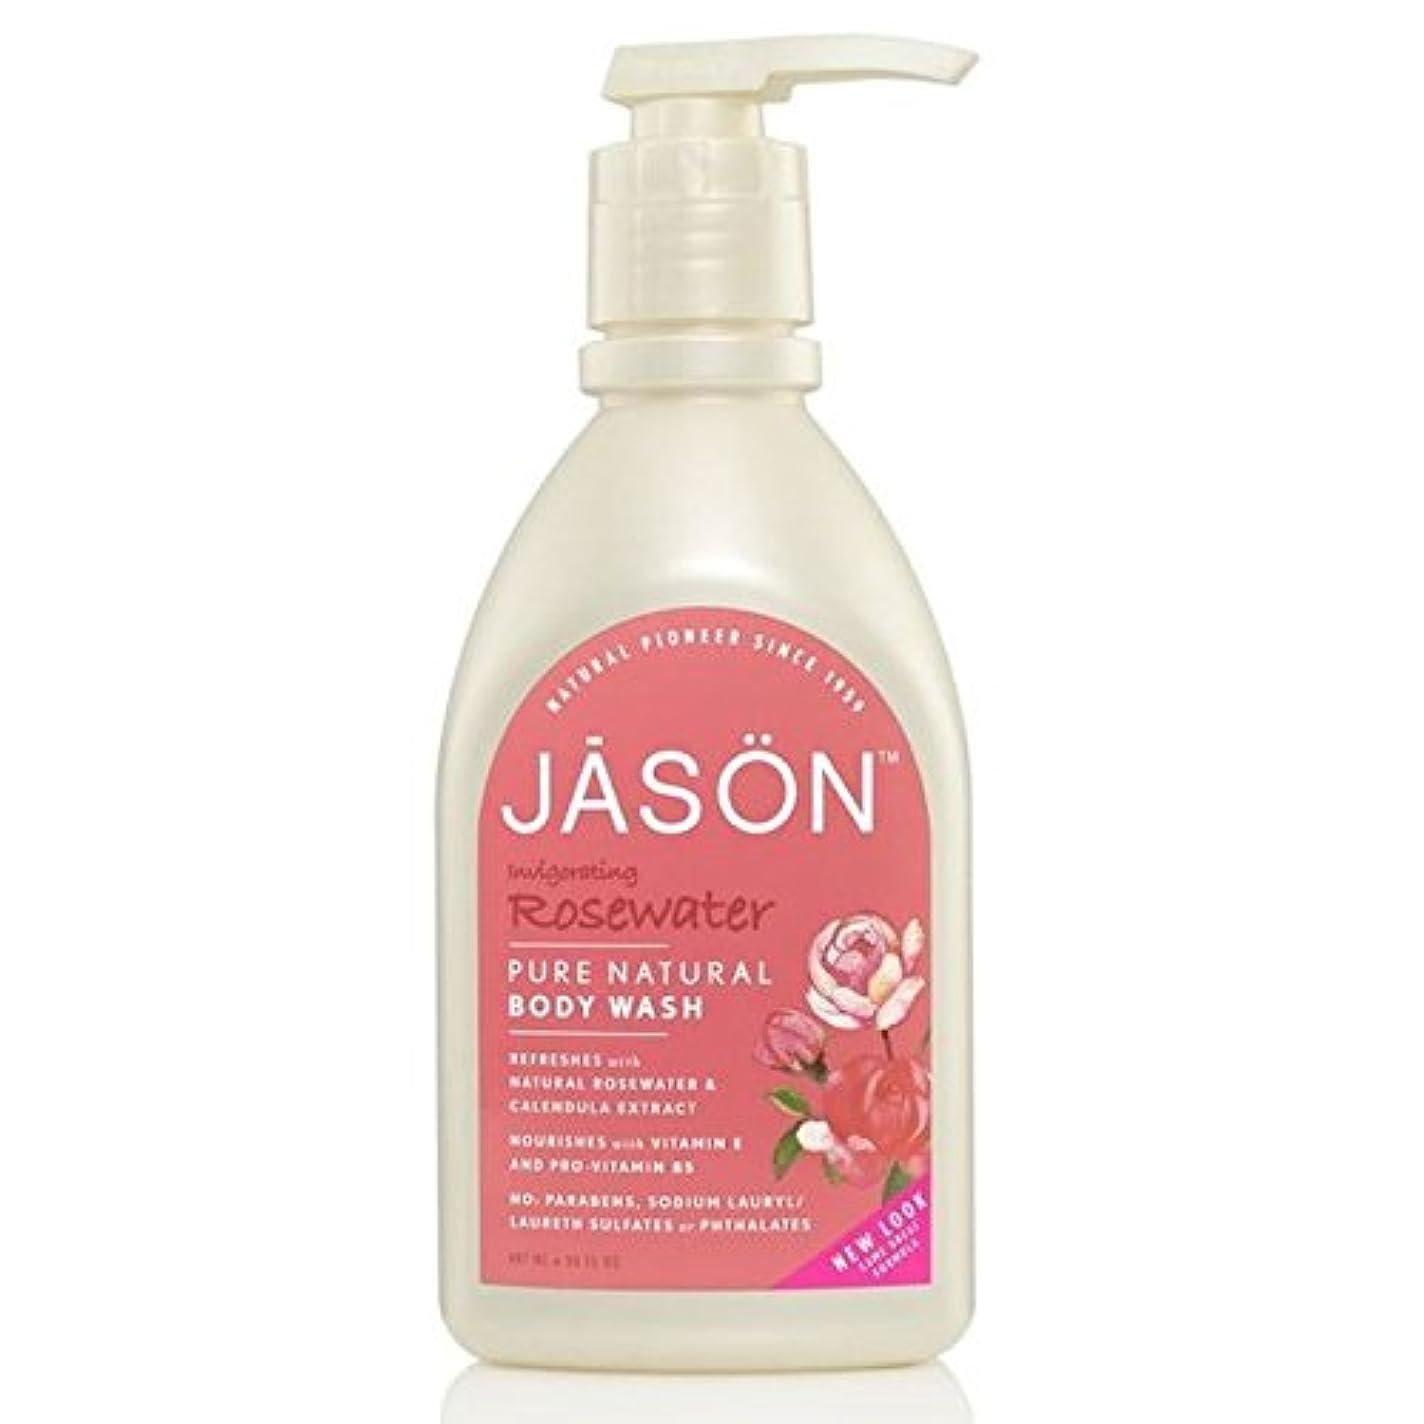 小切手りんごピアニストJason Body Wash Rosewater Satin Shower 900ml (Pack of 6) - ジェイソン?ボディウォッシュローズウォーターサテンシャワー900ミリリットル x6 [並行輸入品]